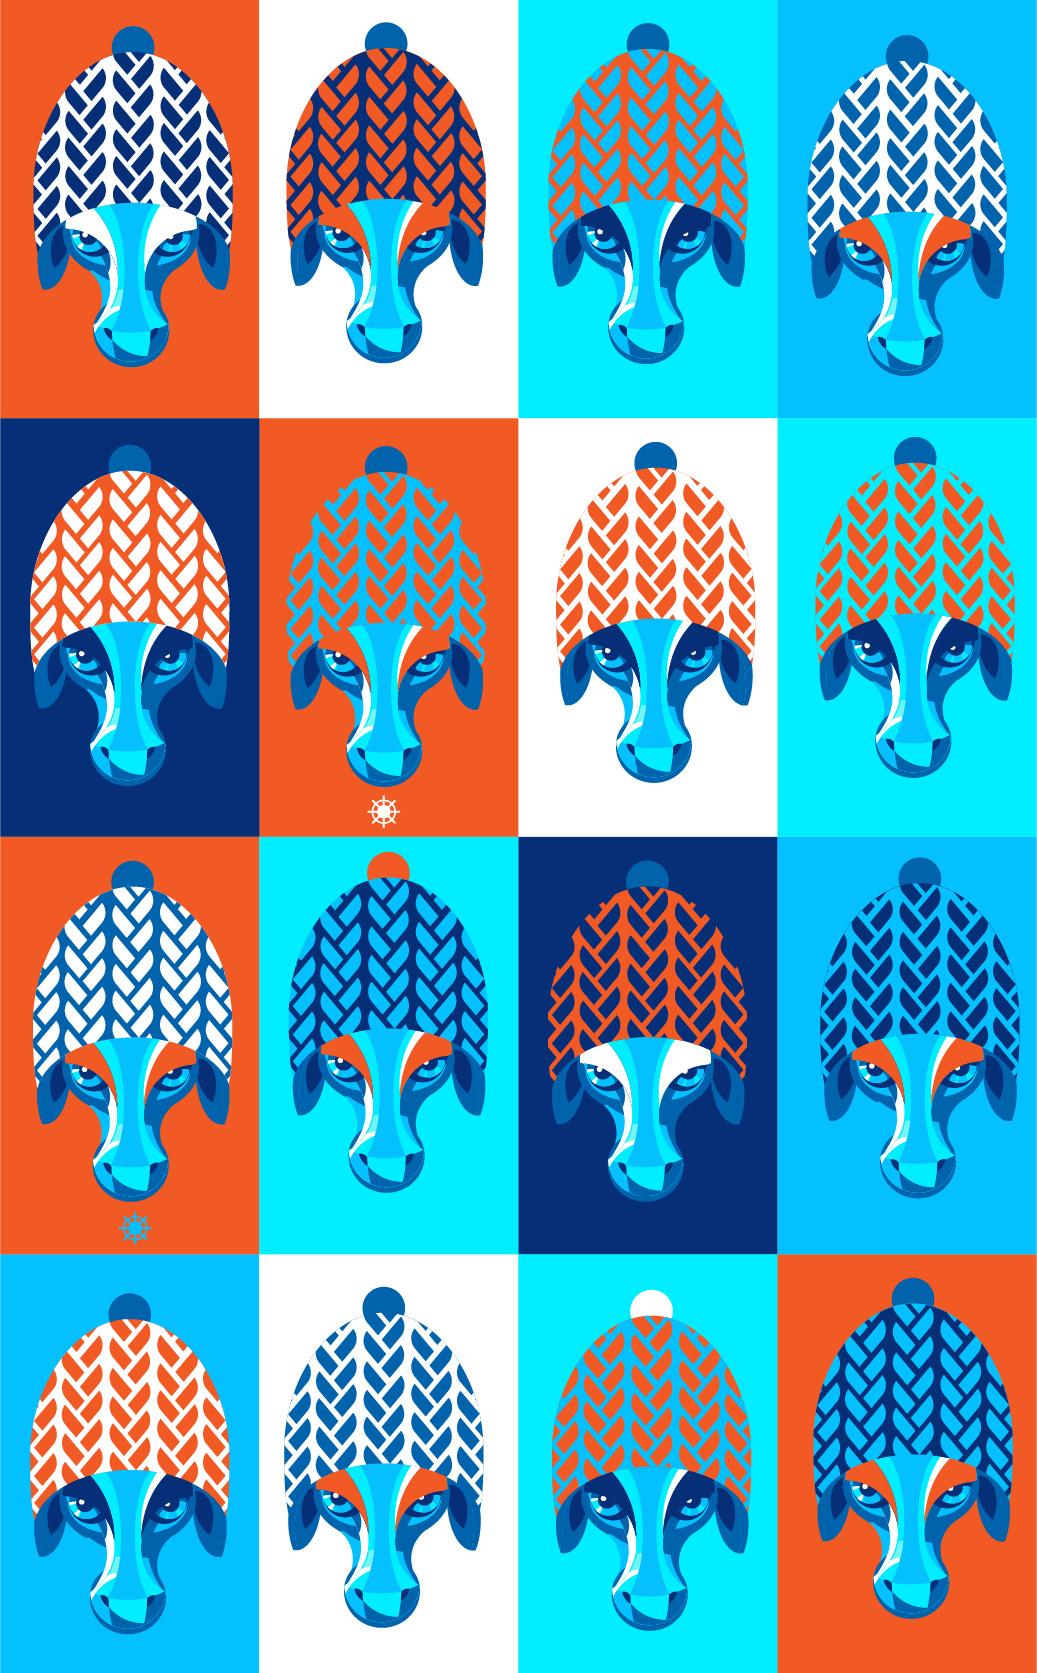 Создать рисунки быков, символа 2021 года, для реализации в м фото f_4255f0597d9bee4b.jpg